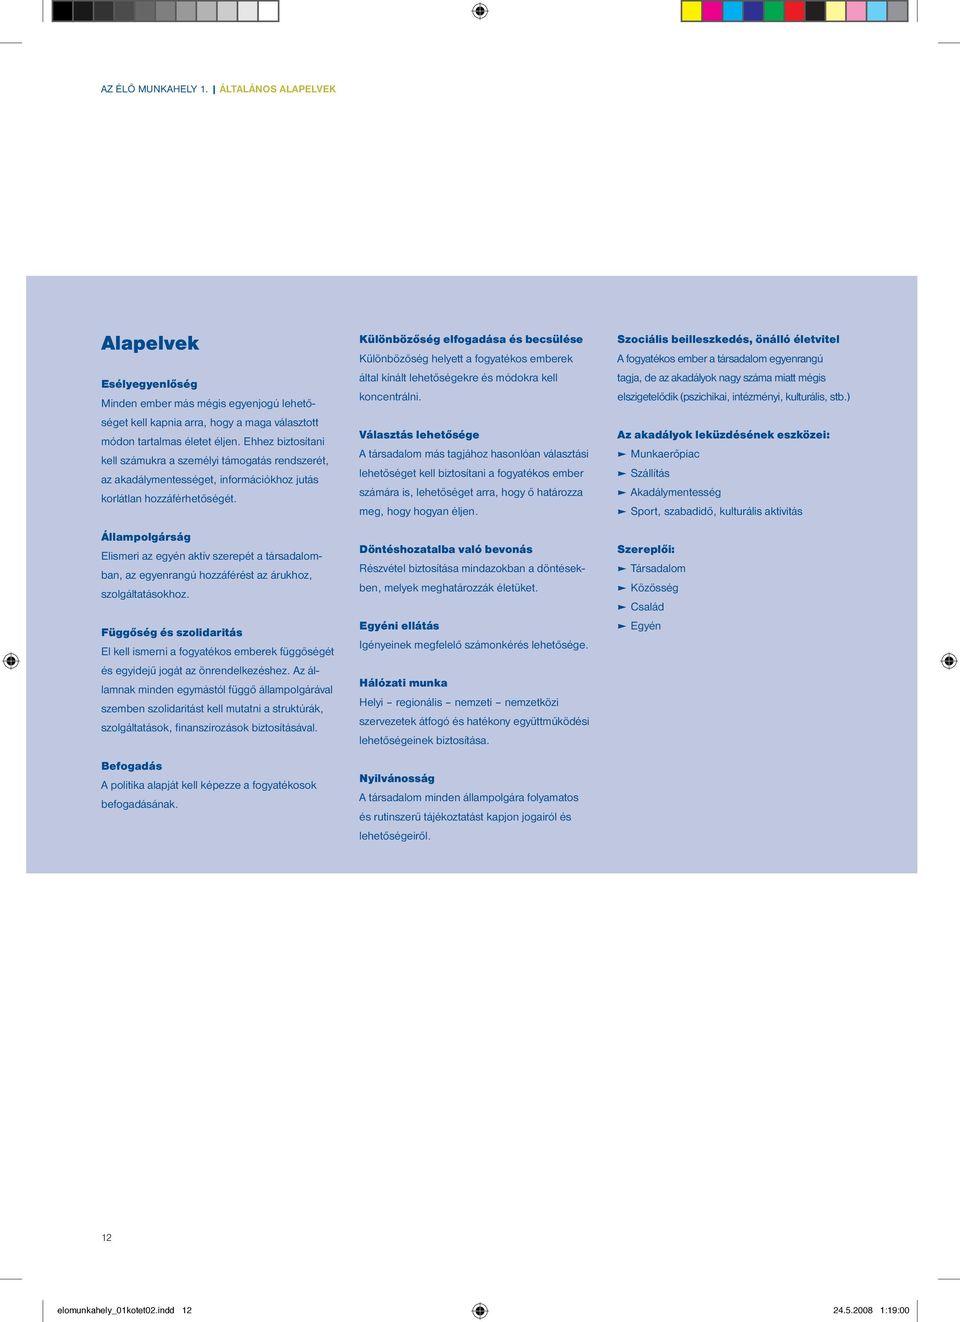 fogyatékosság 2-3 fokos magas vérnyomás esetén dibazol és magas vérnyomás